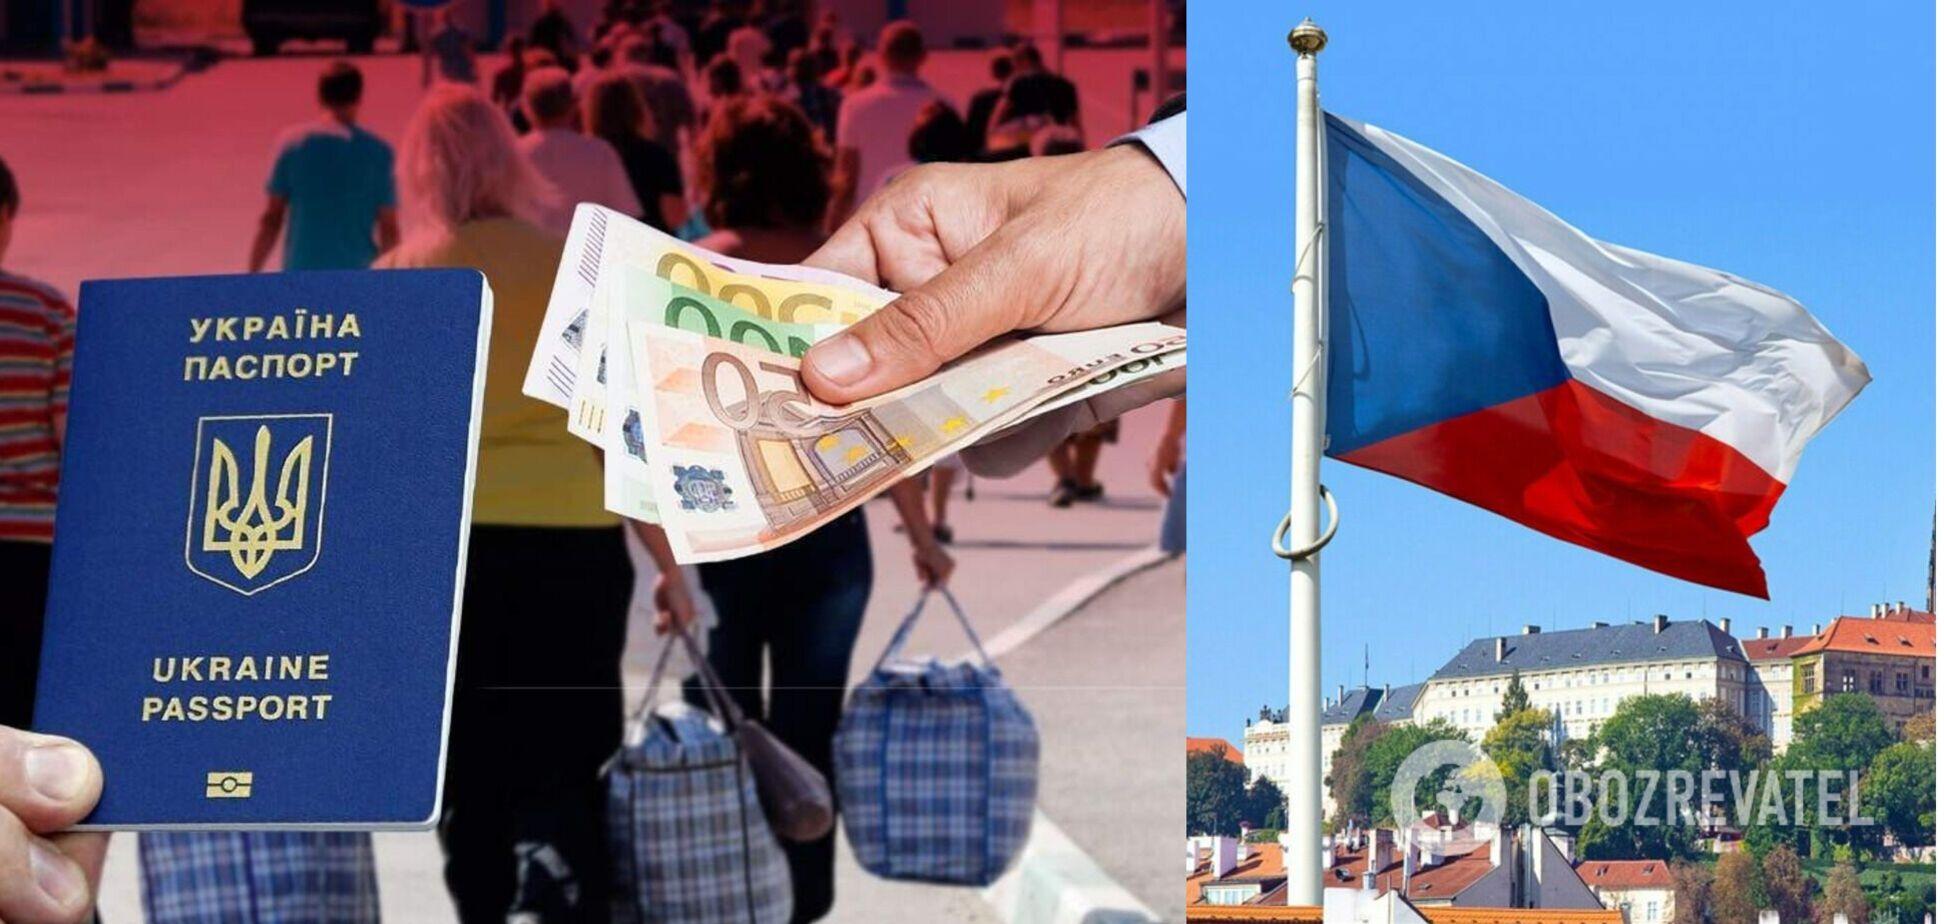 Українців кличуть до Чехії на зарплату в 150 тис. грн: кого насамперед заберуть